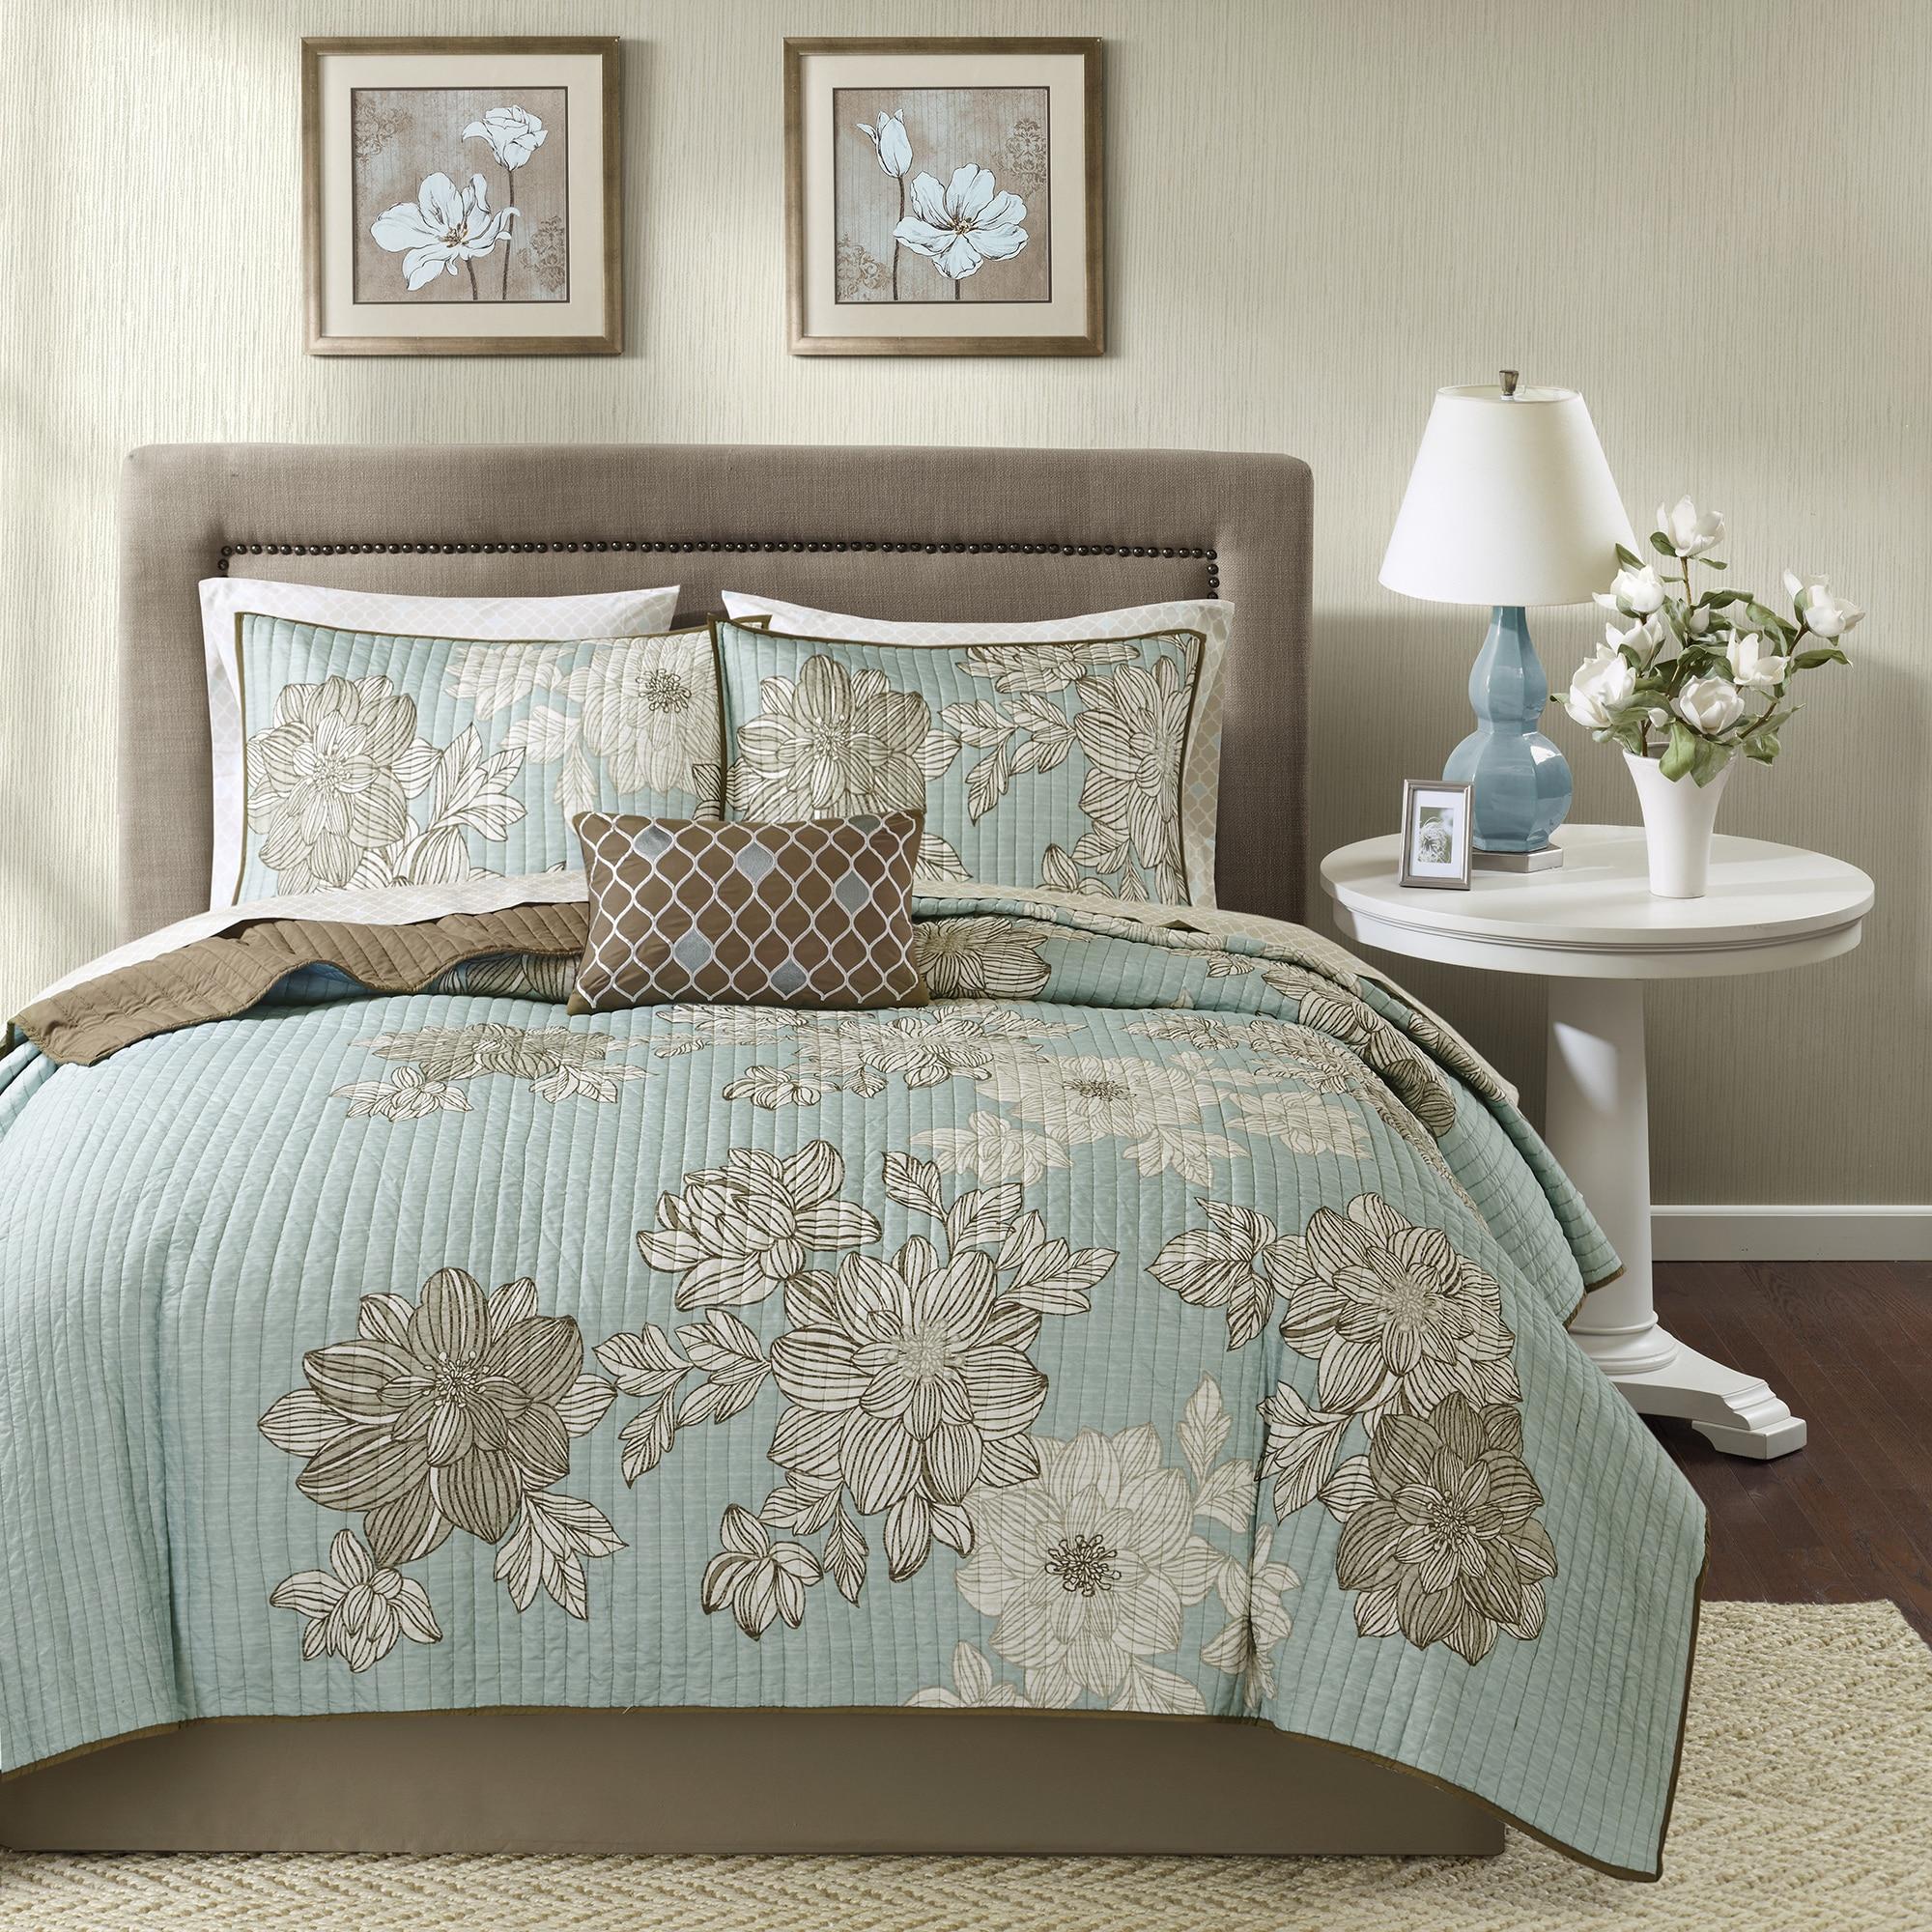 bed full pinstripe down com overstock bedding dp microfiber kitchen comforter elle queen amazon home